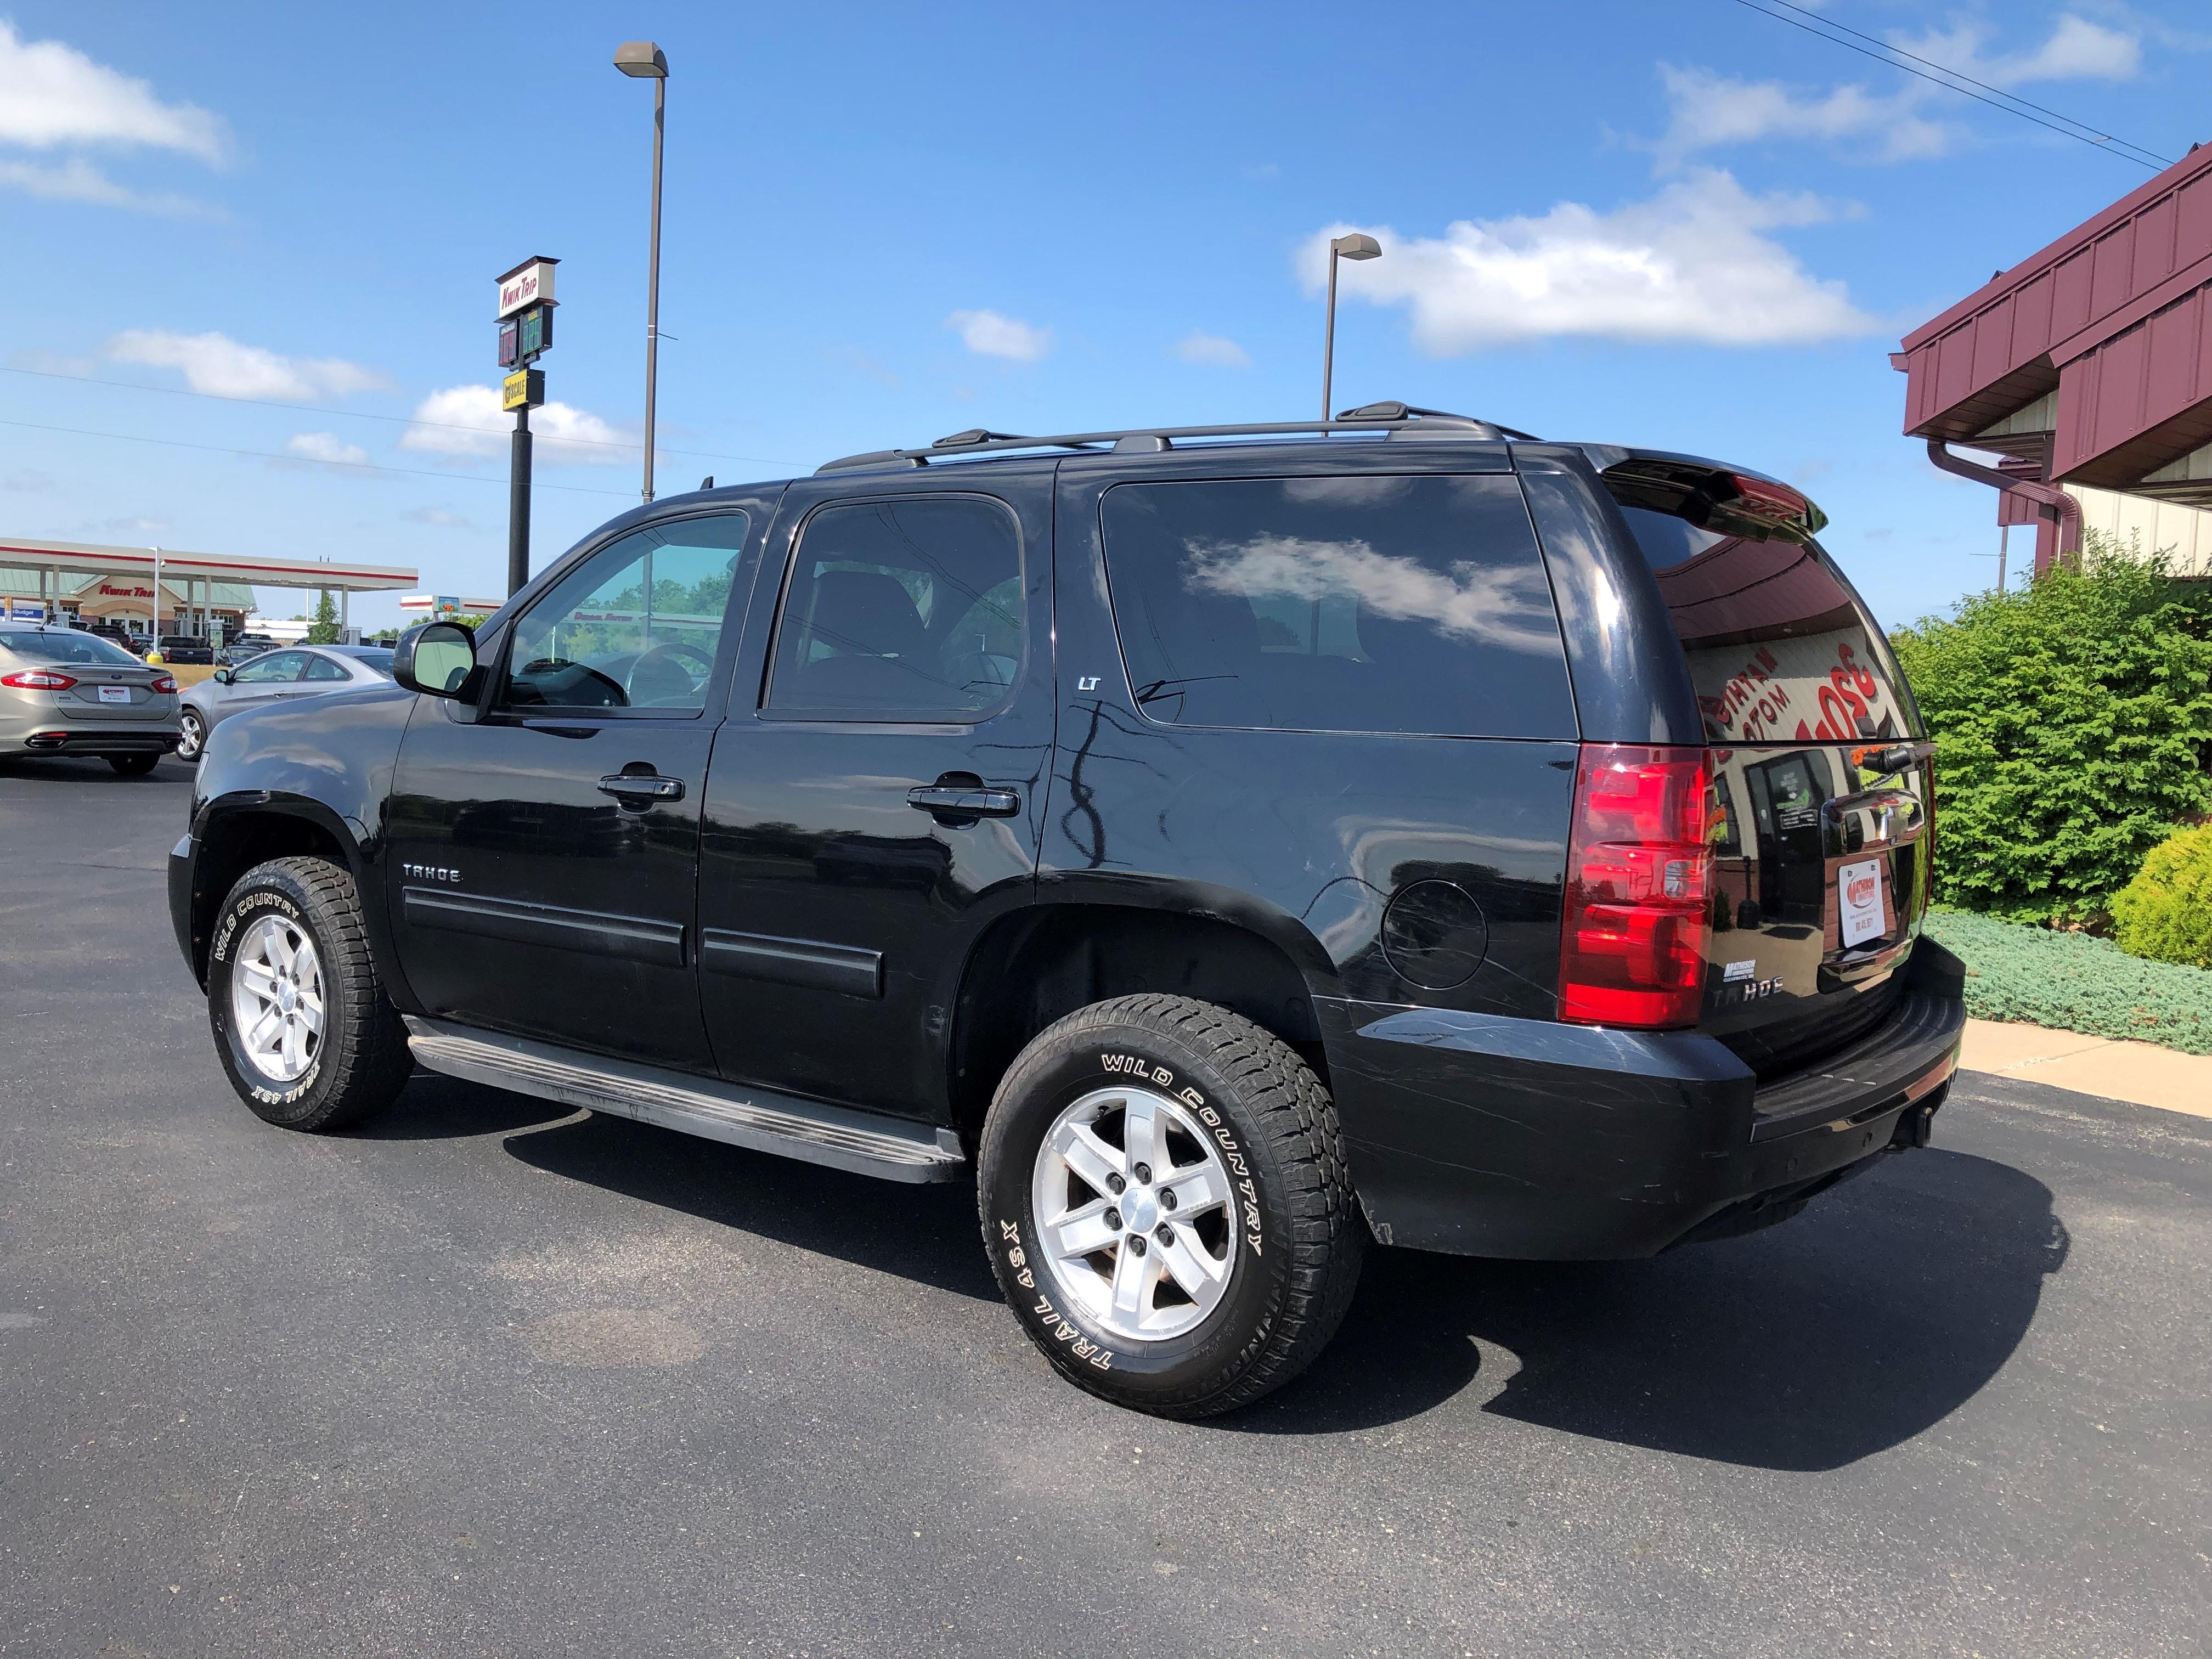 used vehicle - SUV CHEVROLET TAHOE 2011